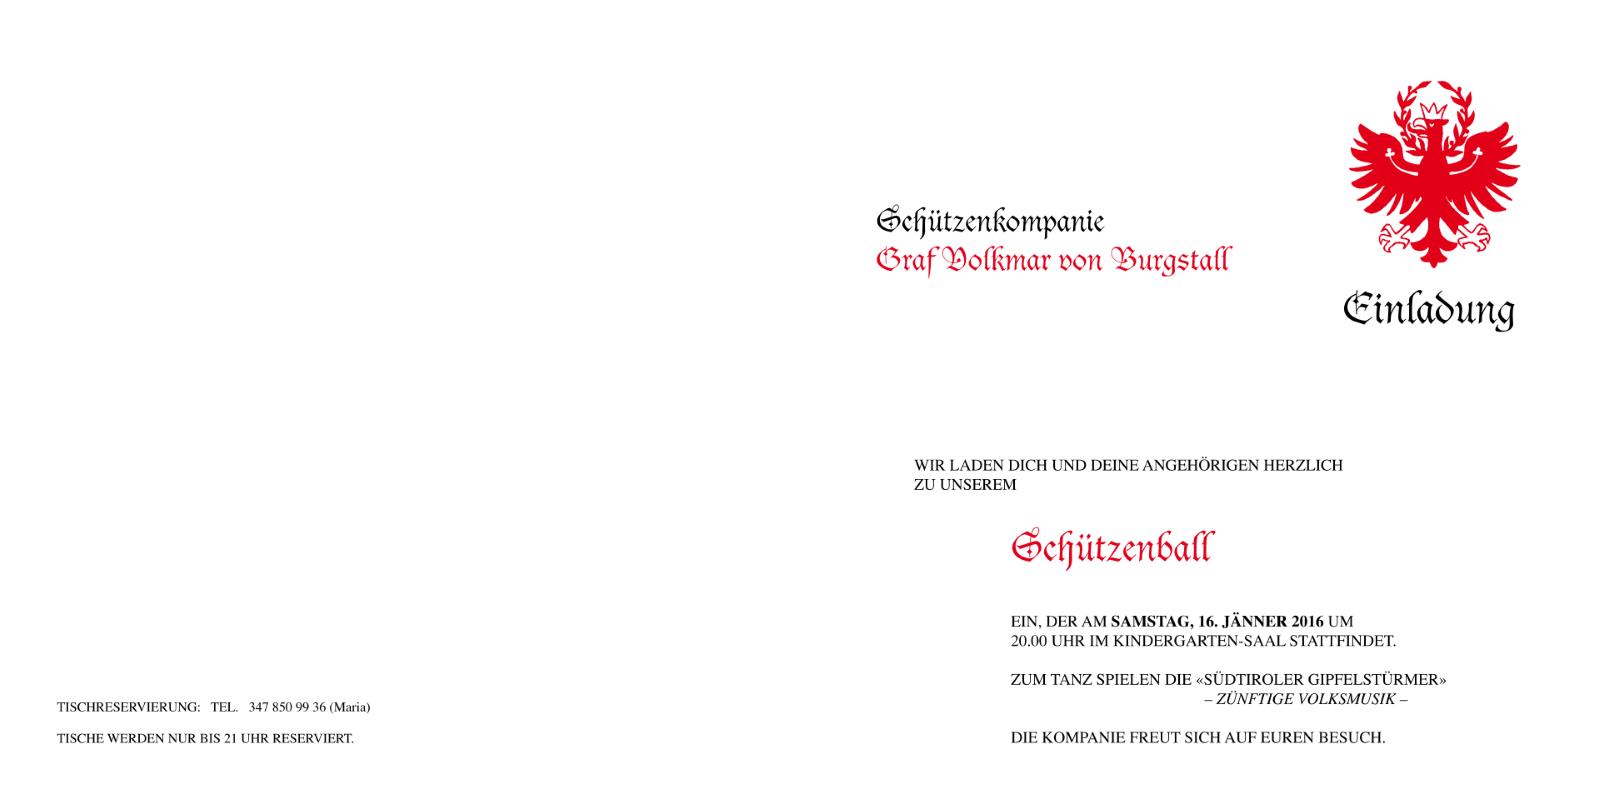 2016_Burgstall_Schützenball_Einladung_komplett